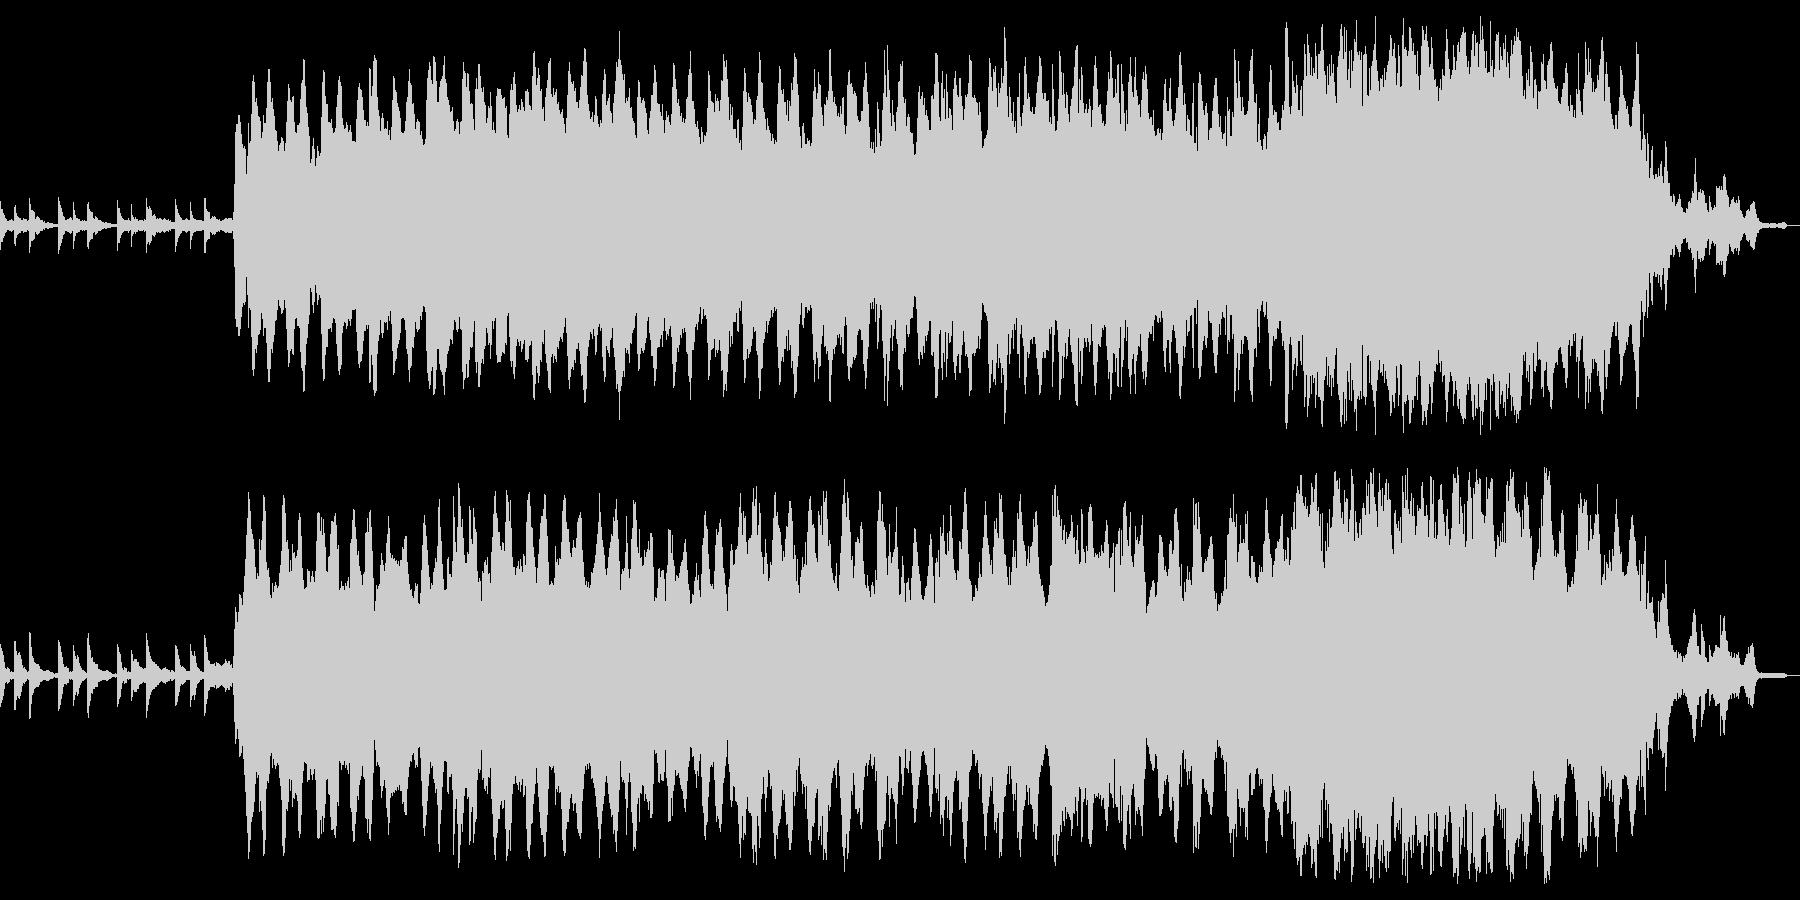 重苦しいピアノアンビエントの未再生の波形